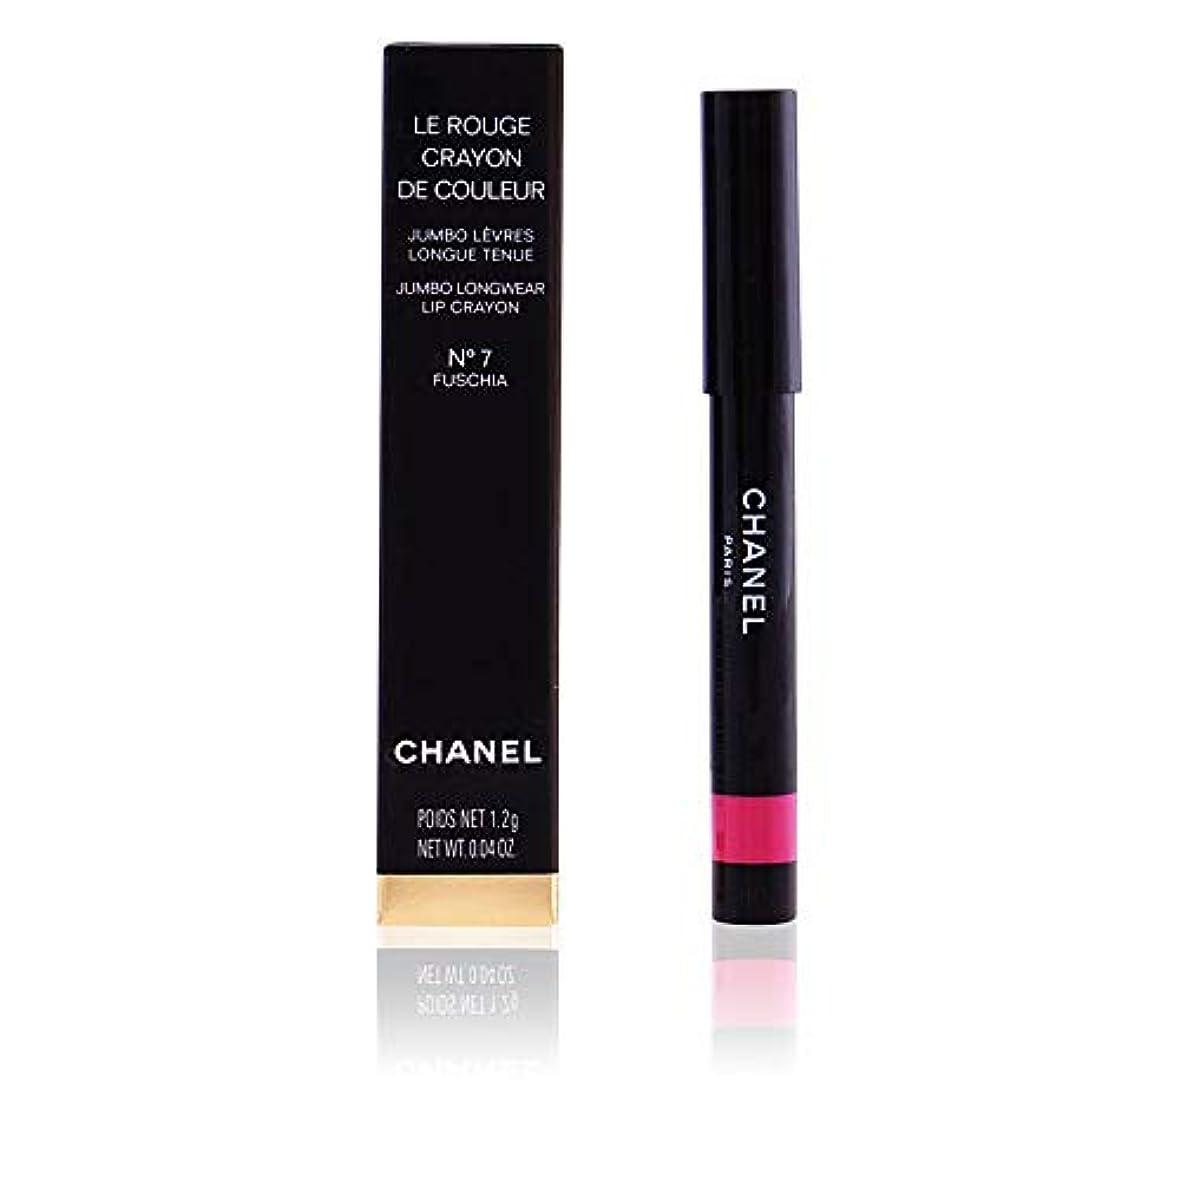 医療過誤ラウンジ流すシャネル Le Rouge Crayon De Couleur Jumbo Longwear Lip Crayon - # 2 Rose Violine 1.2g/0.04oz並行輸入品